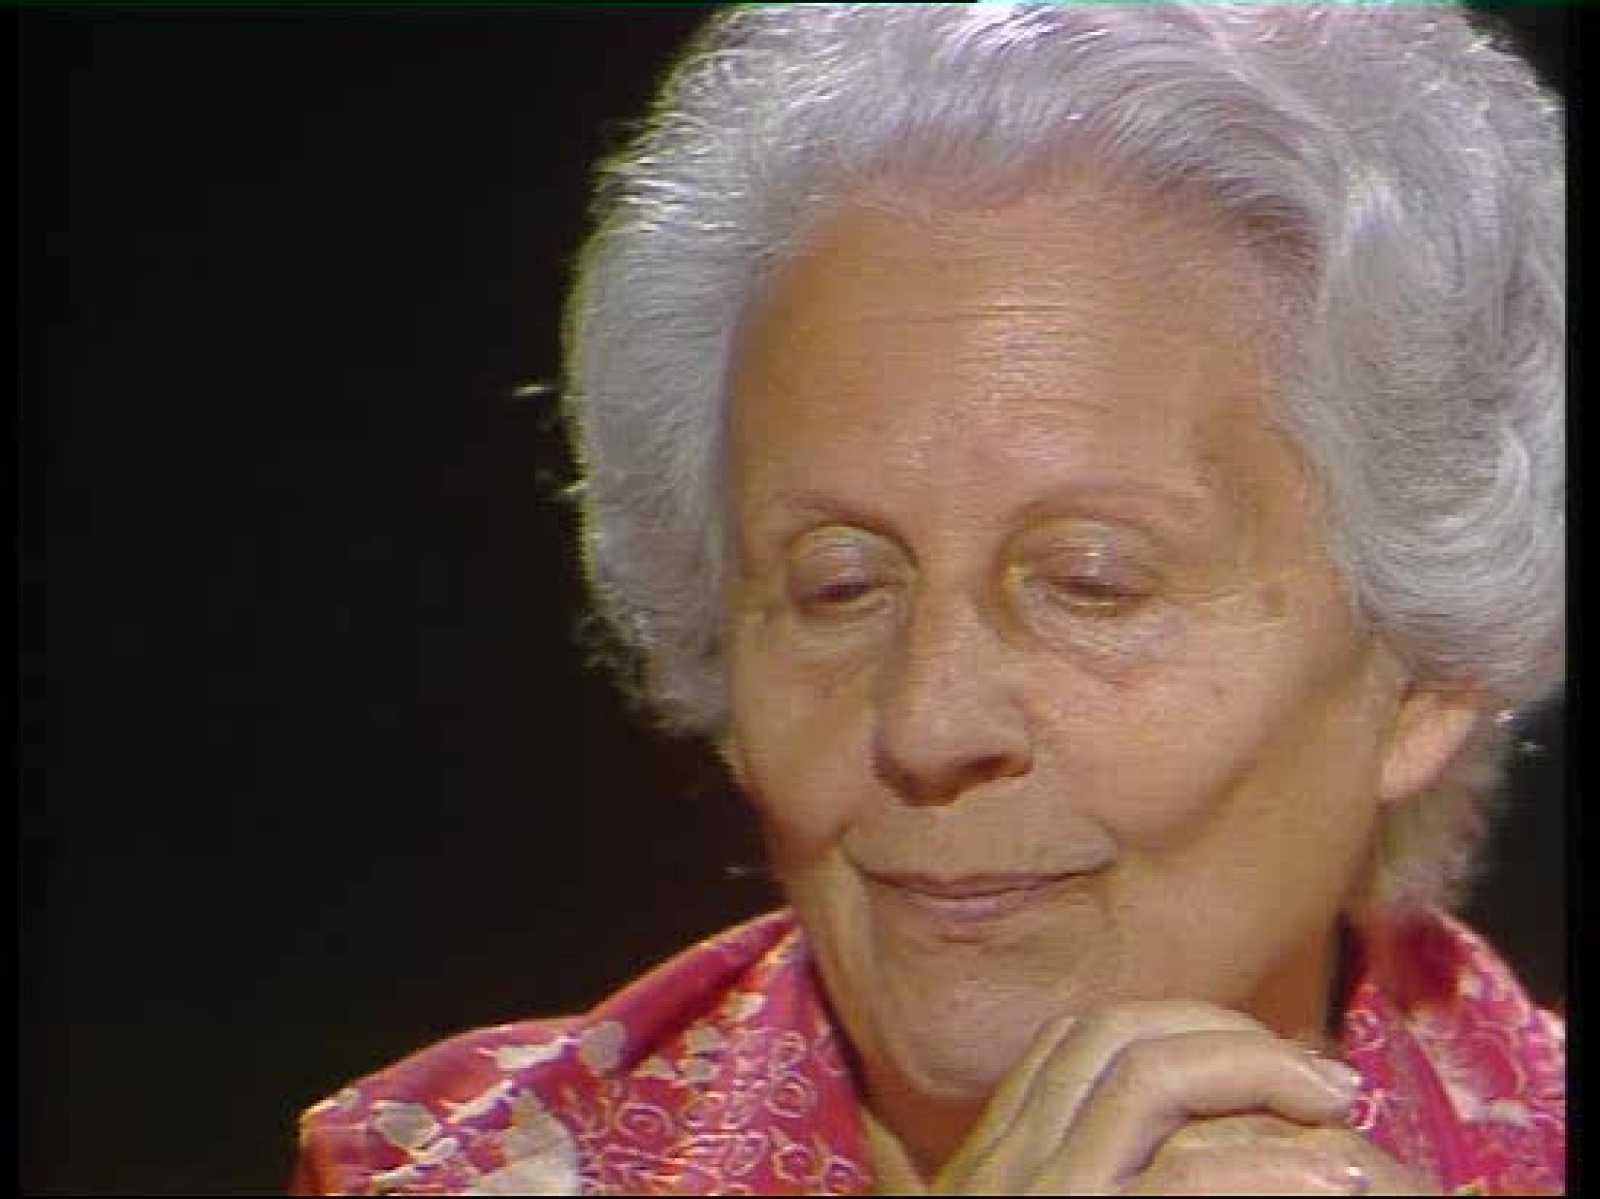 Entrevista con Mercè Rodoreda en 'Encuentros con las letras' (1981)